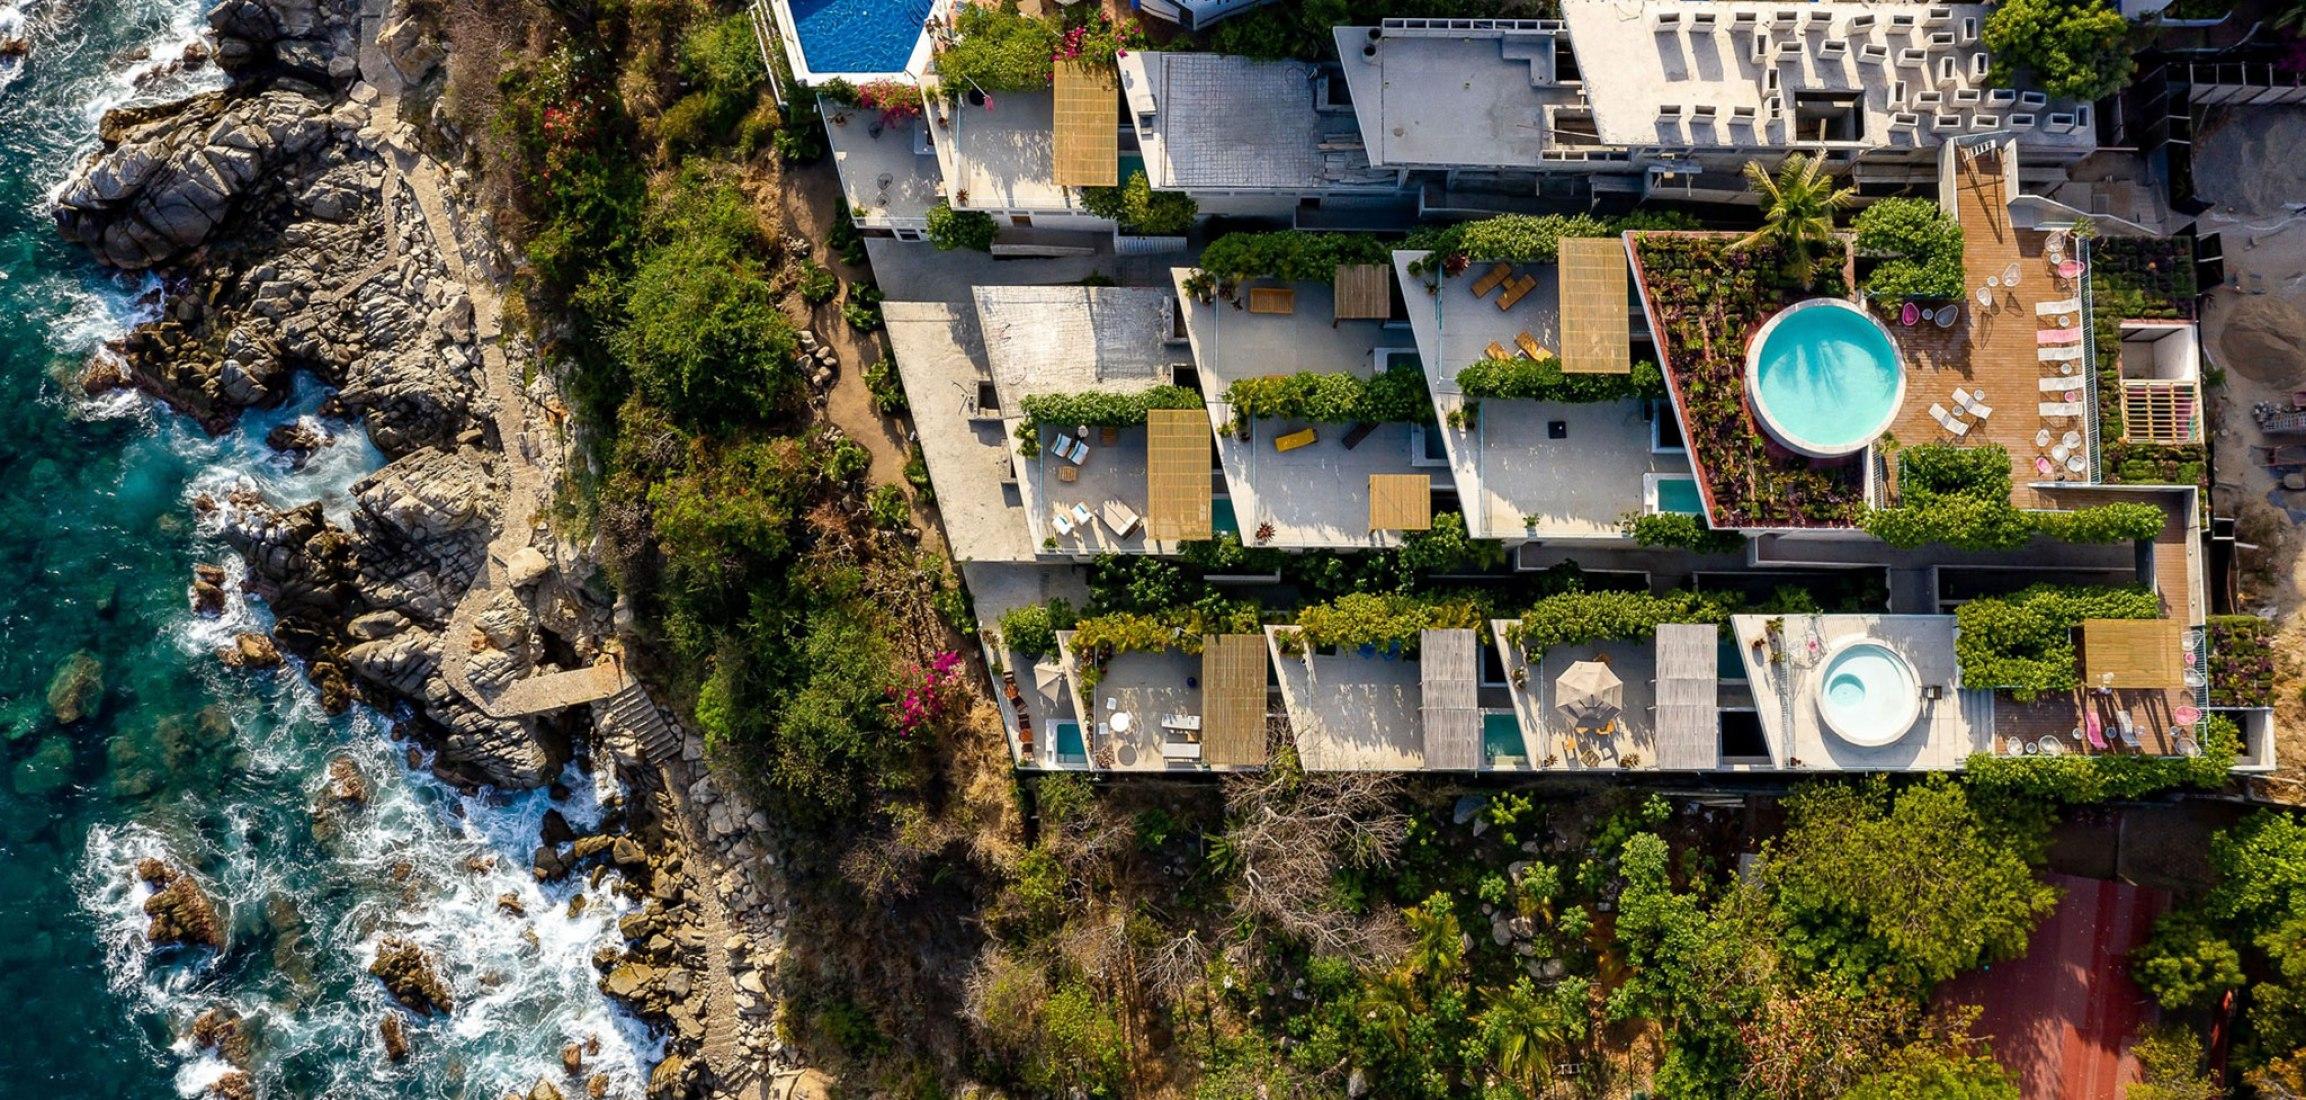 Villas La Escondida por Francisco Pardo Arquitecto. Fotografía por Onnis Luque